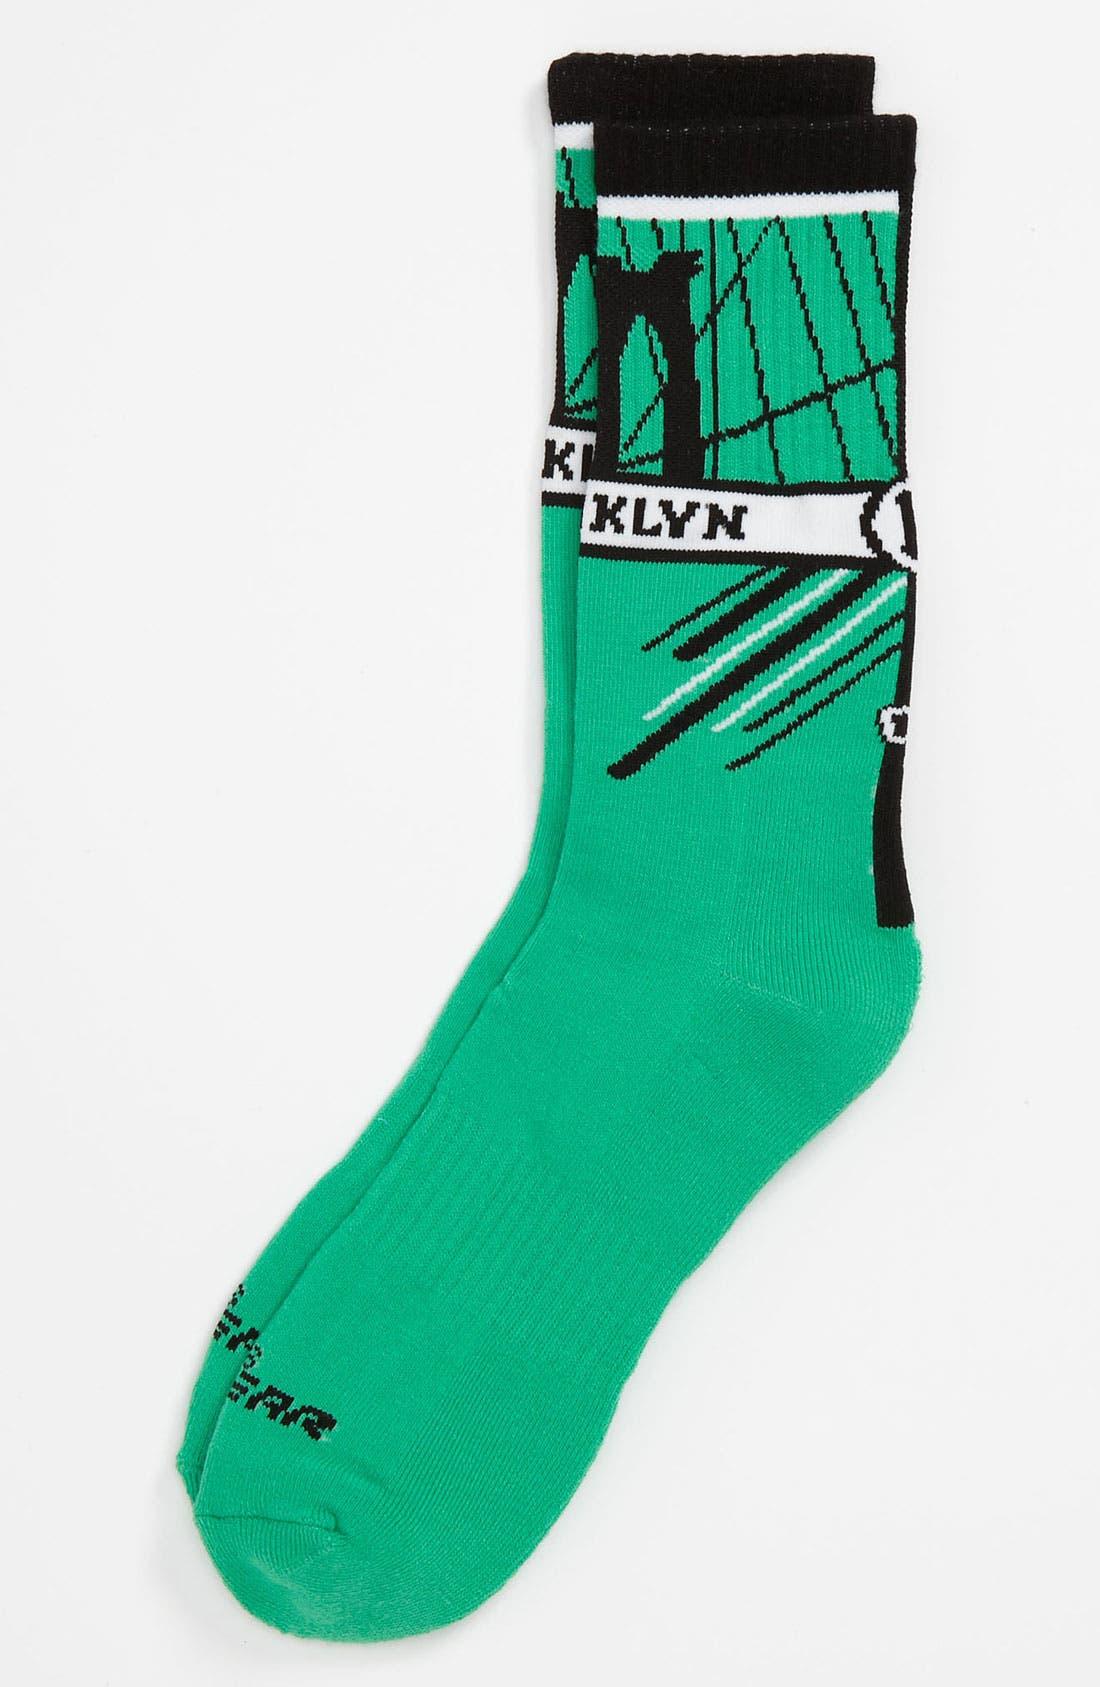 Alternate Image 1 Selected - G 206 Wear 'Brooklyn' Socks (Big Kid)